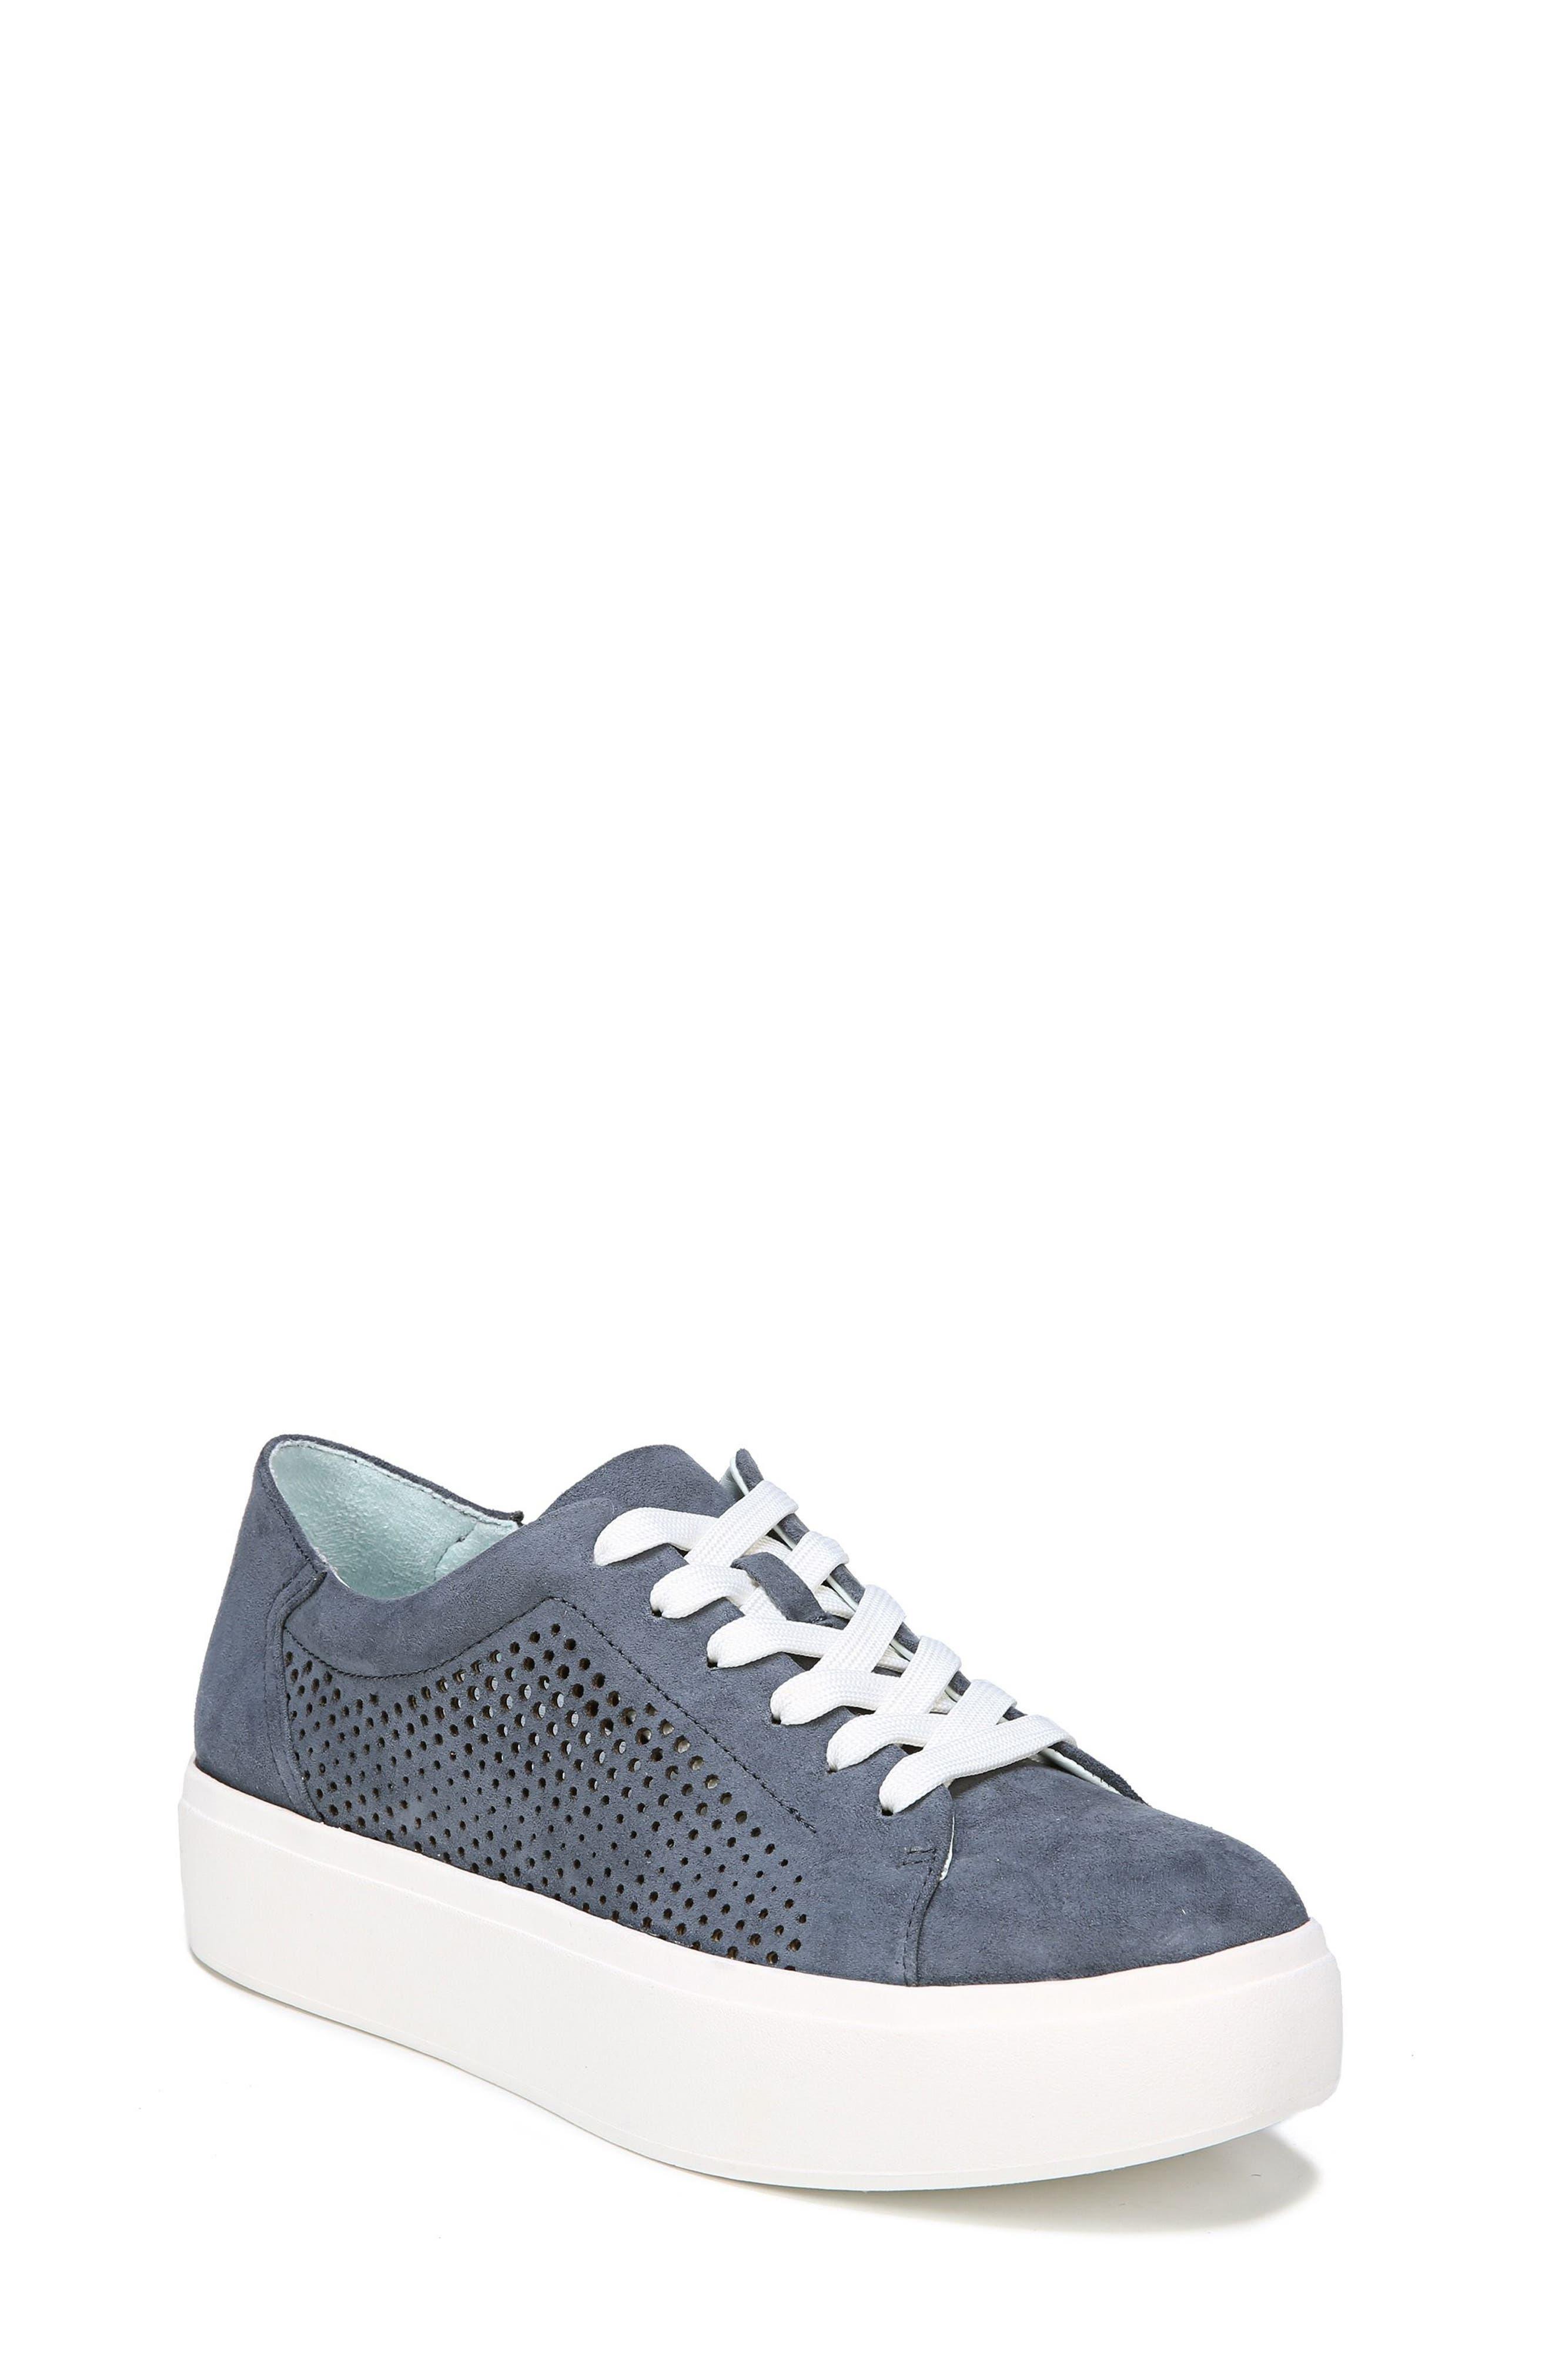 Dr. Scholl's Women's Kinney Platform Sneaker Ftfj5bGT